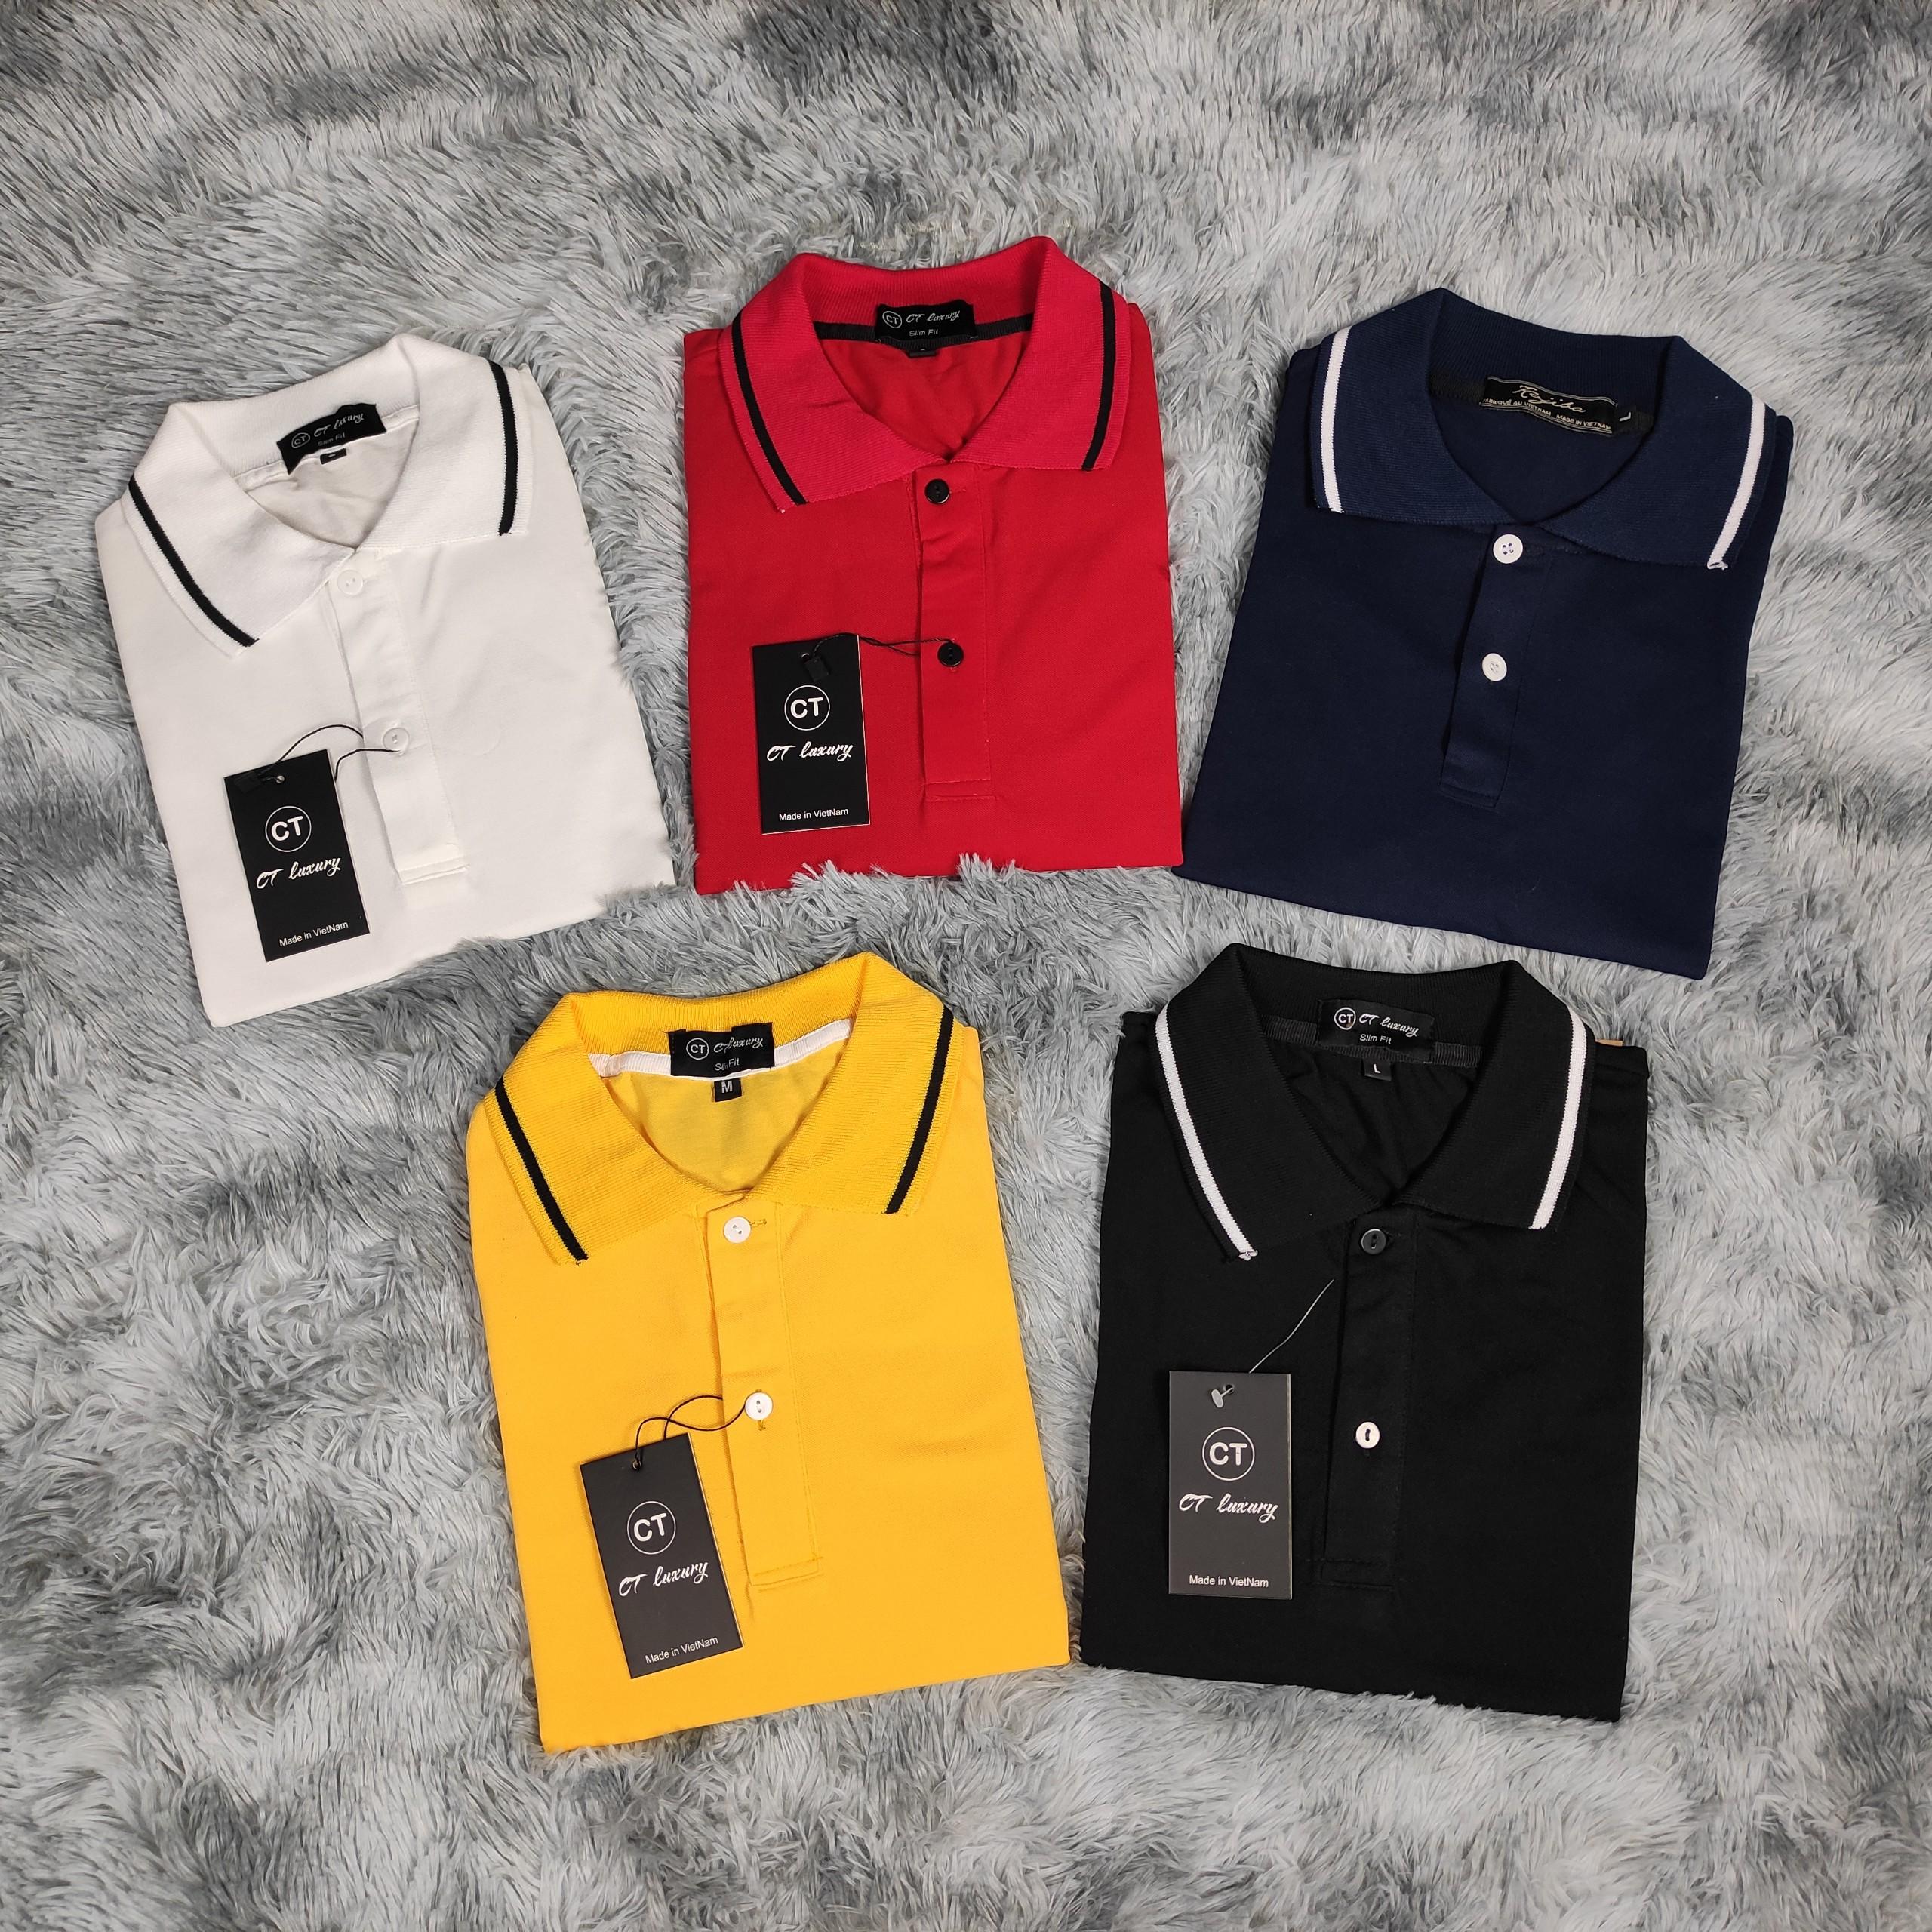 Áo polo nam - áo thun có cổ nam nữ unisex viền tay vải cotton co giãn 4 chiều form chuẩn dáng đẹp